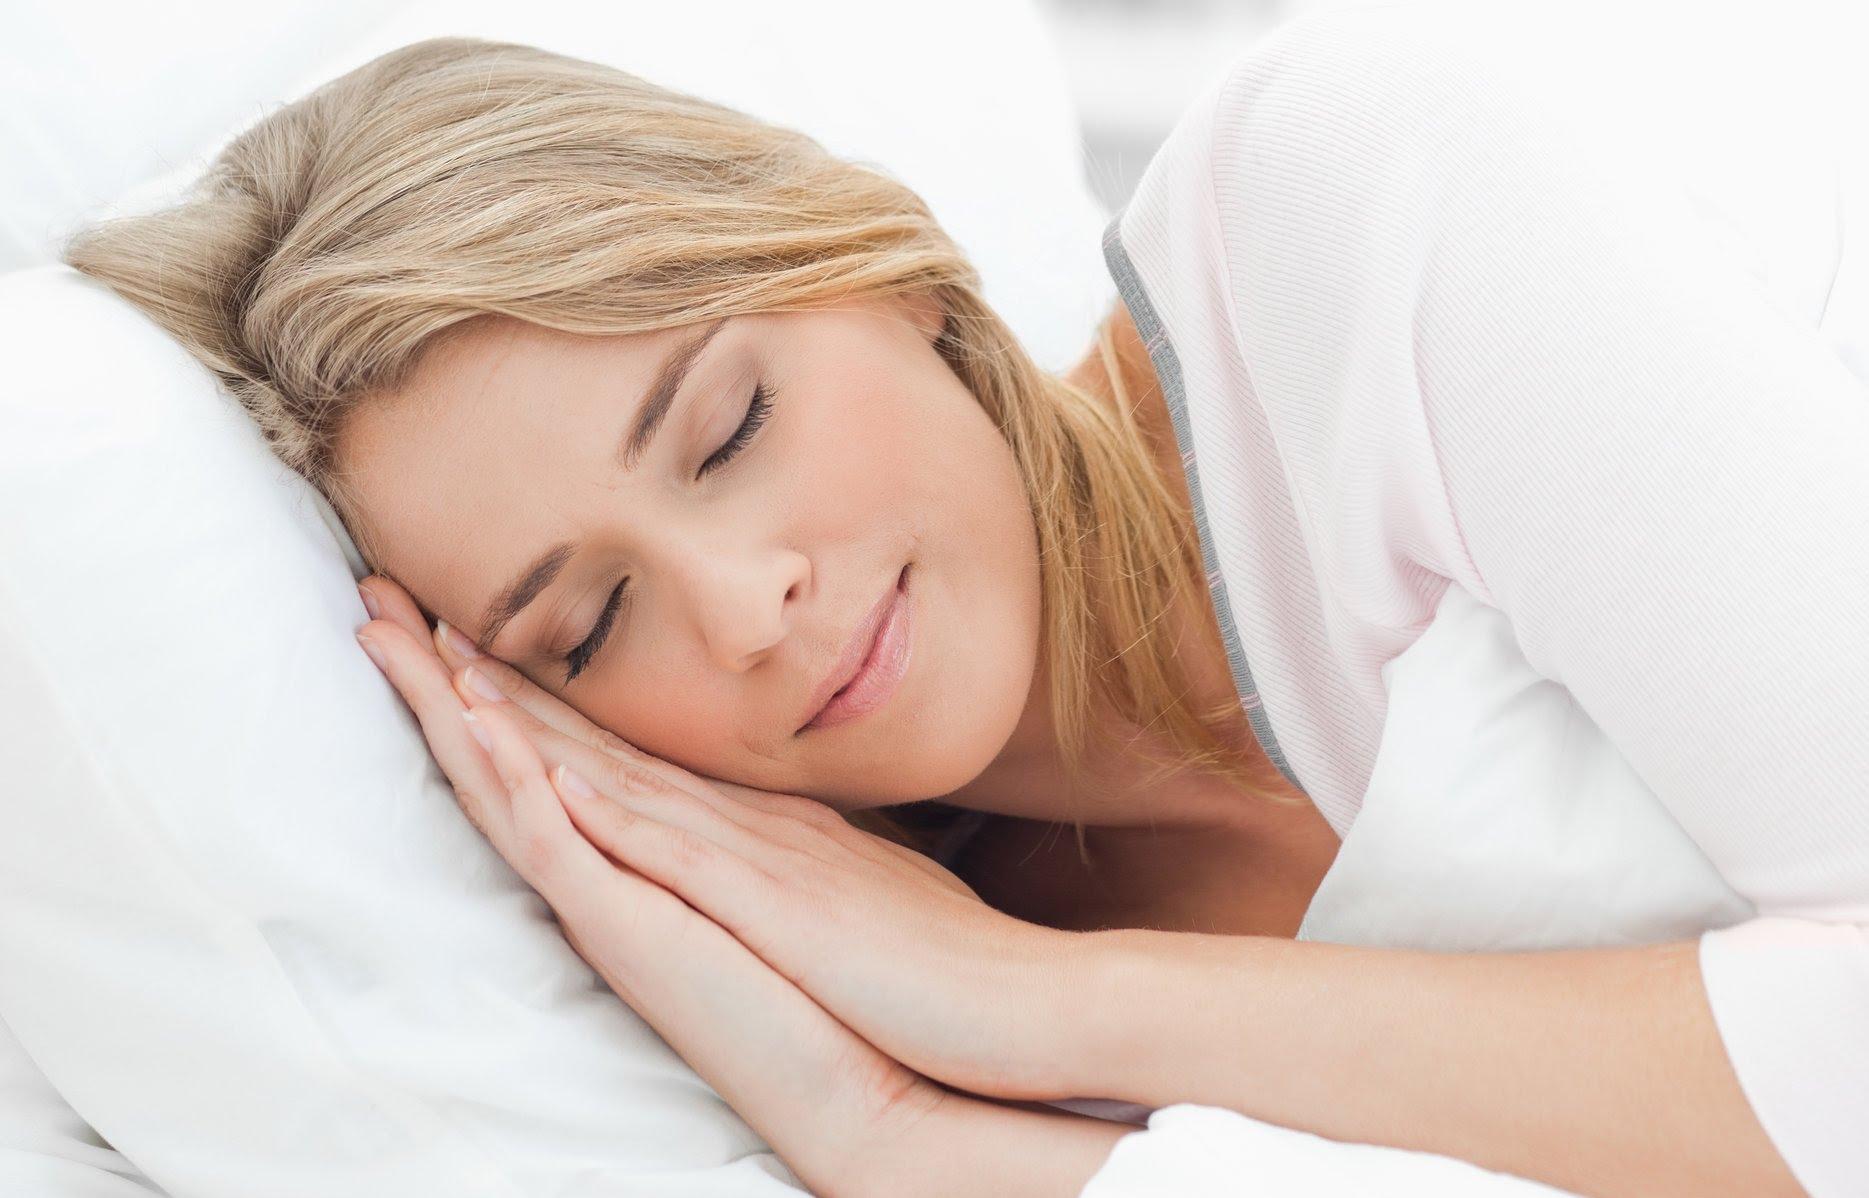 خواب می تواند تسکین دهنده ی دردهای مزمن باشد